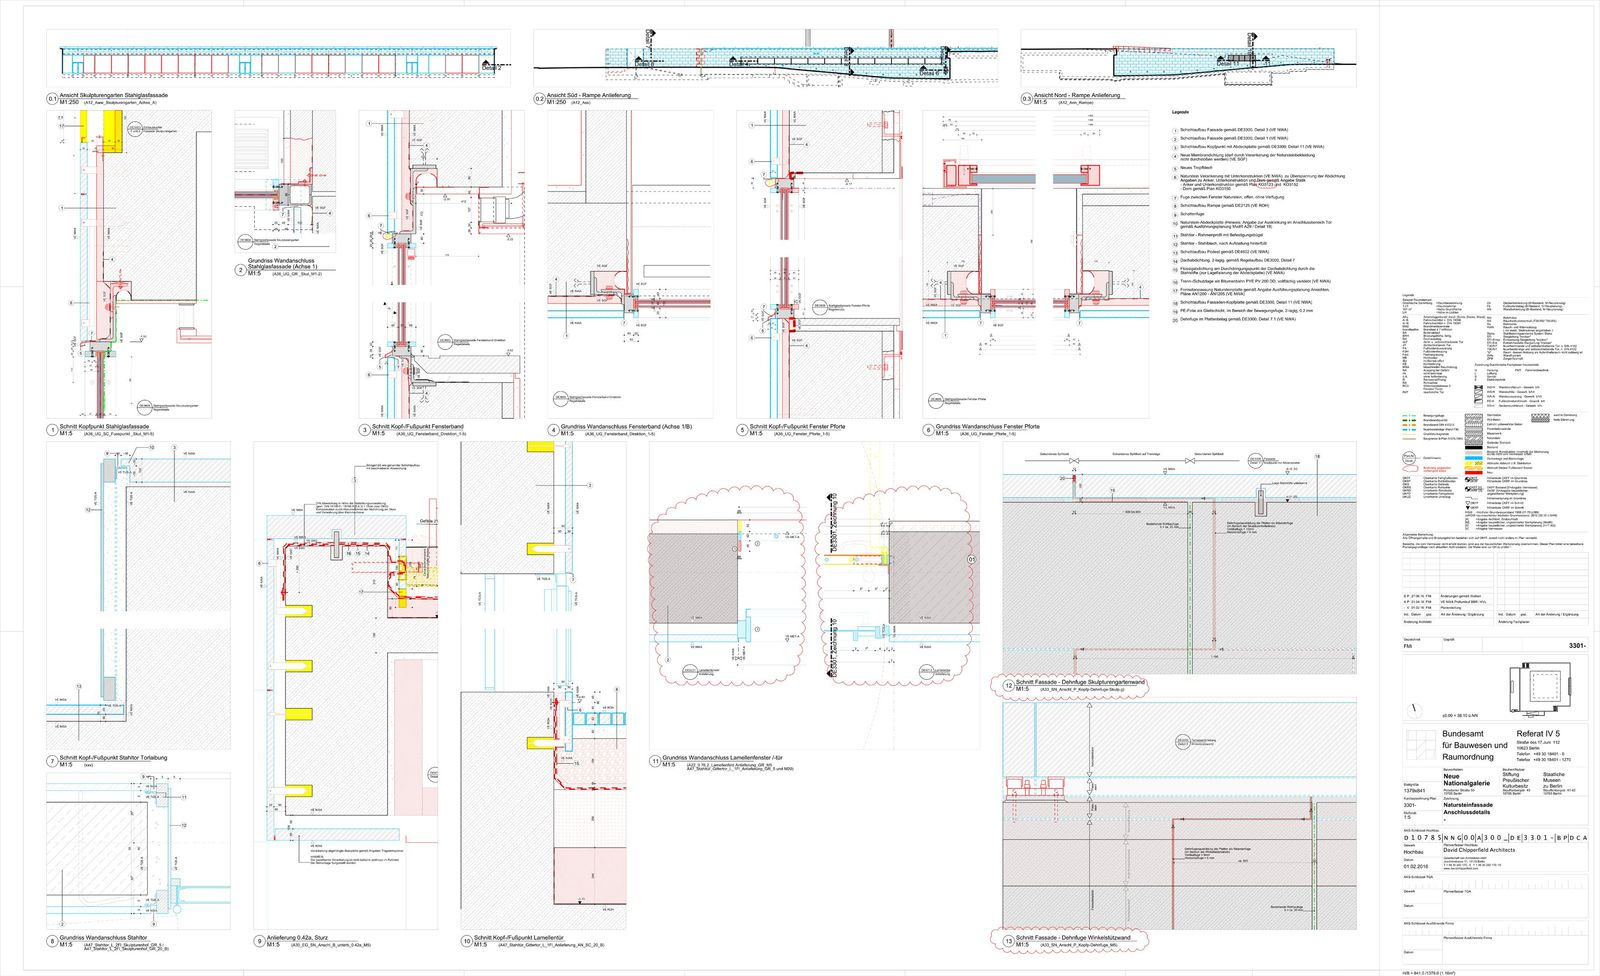 Natursteinfassade, Anschlussdetails © David Chipperfield Architects für Bundesamt für Bauwesen und Raumordnung (BBR)